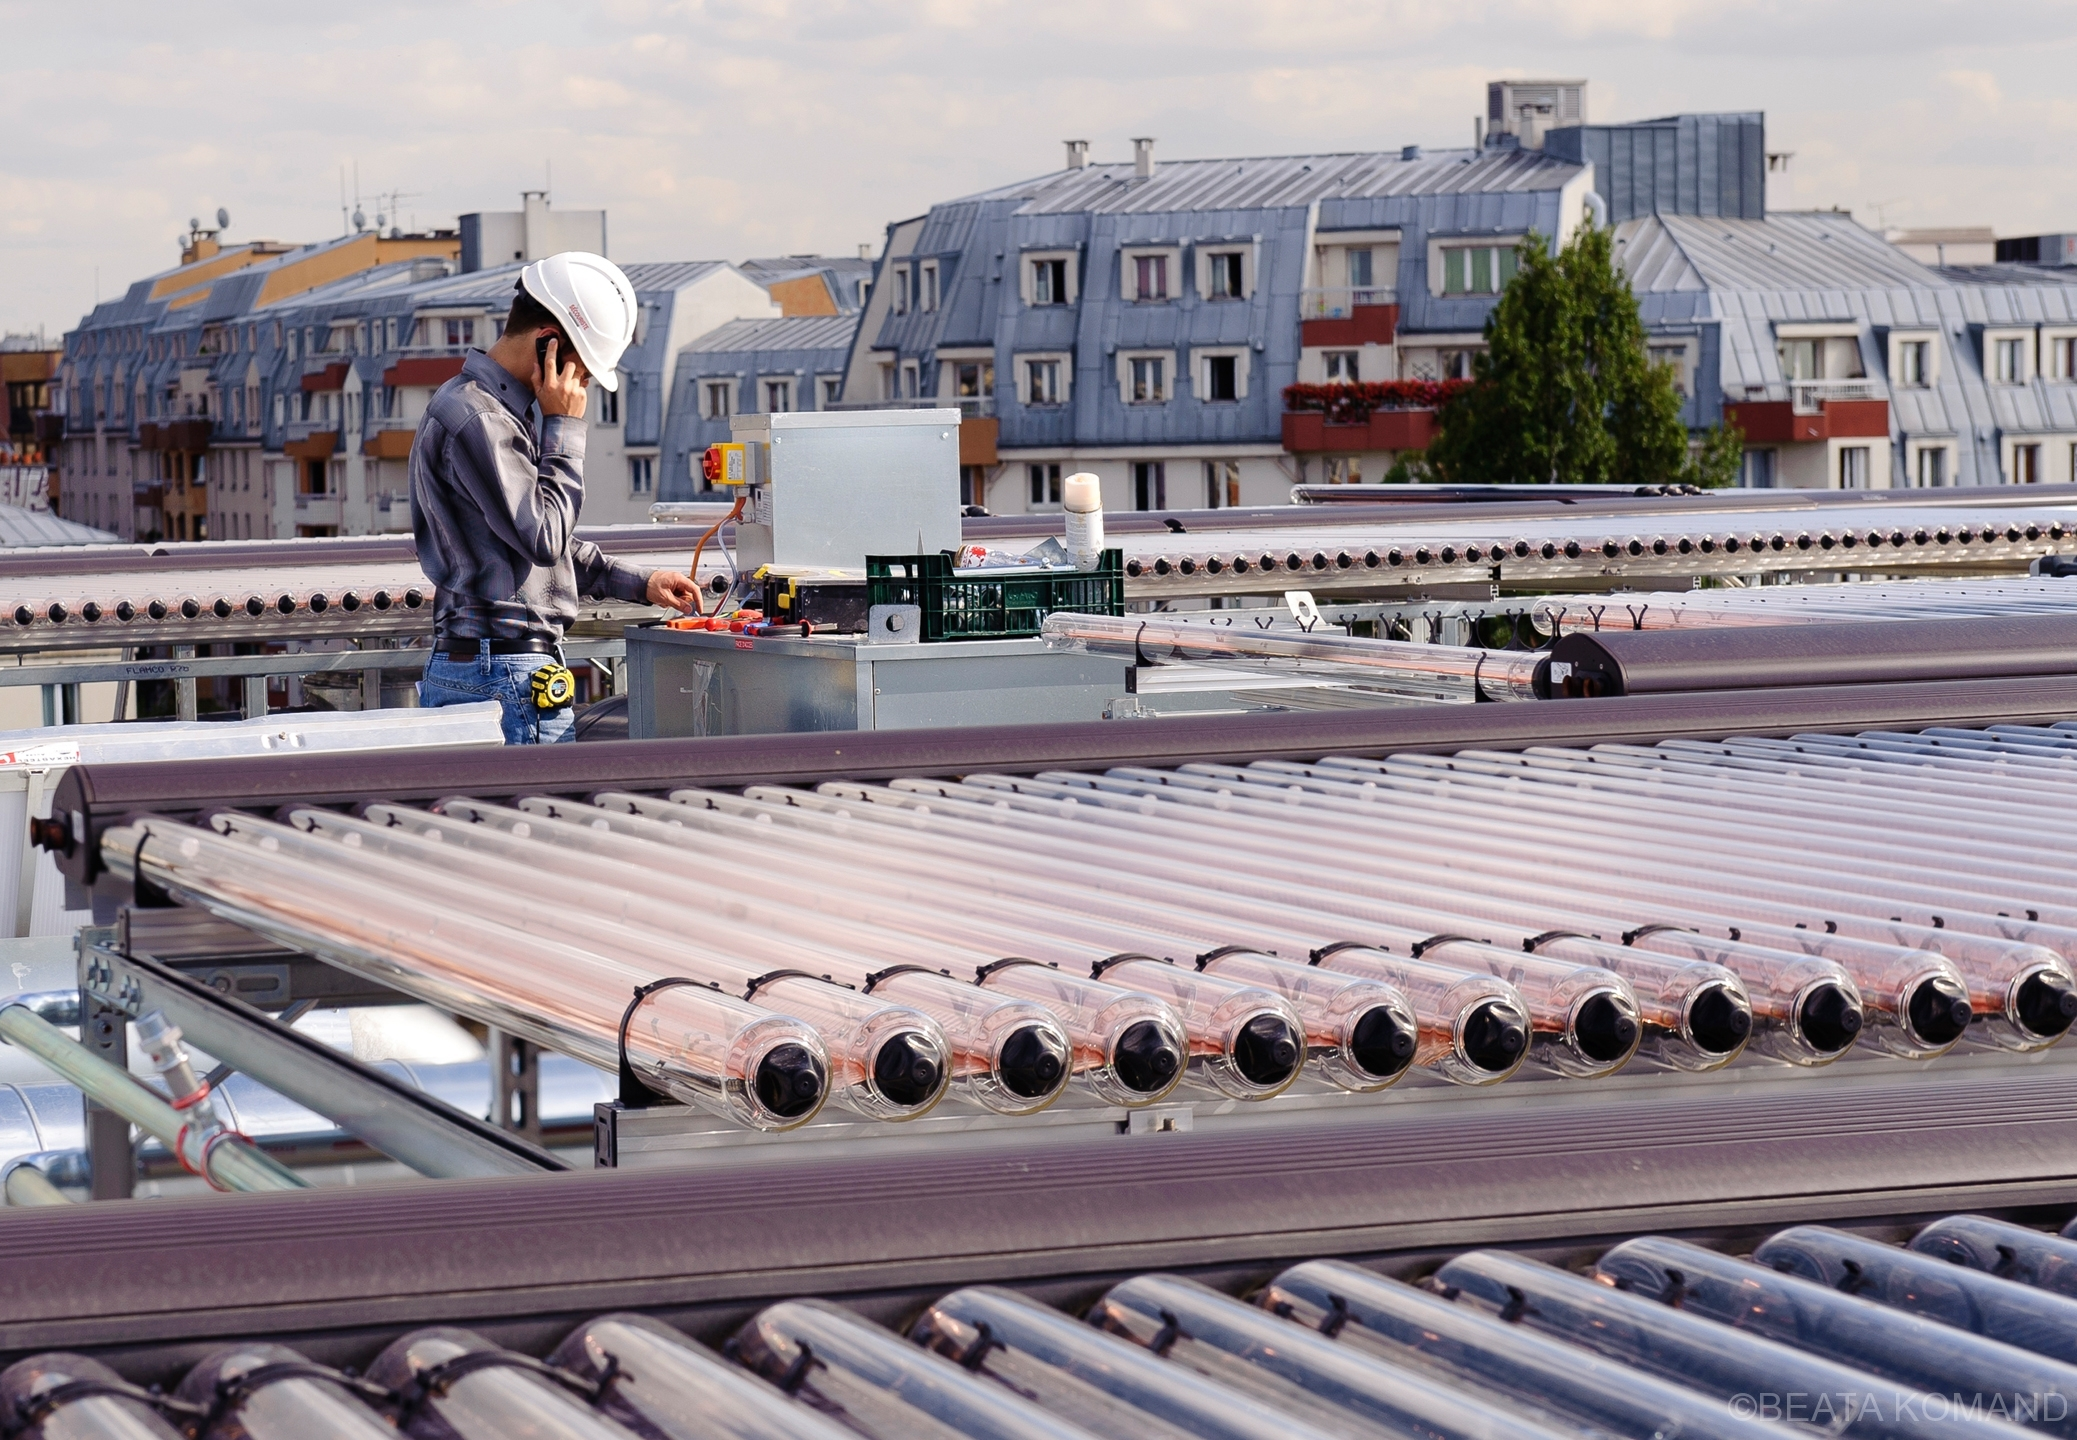 bâtiment de Emaus couvert sur sa façade et sur son toit des nouvelles installations photovoltaiques